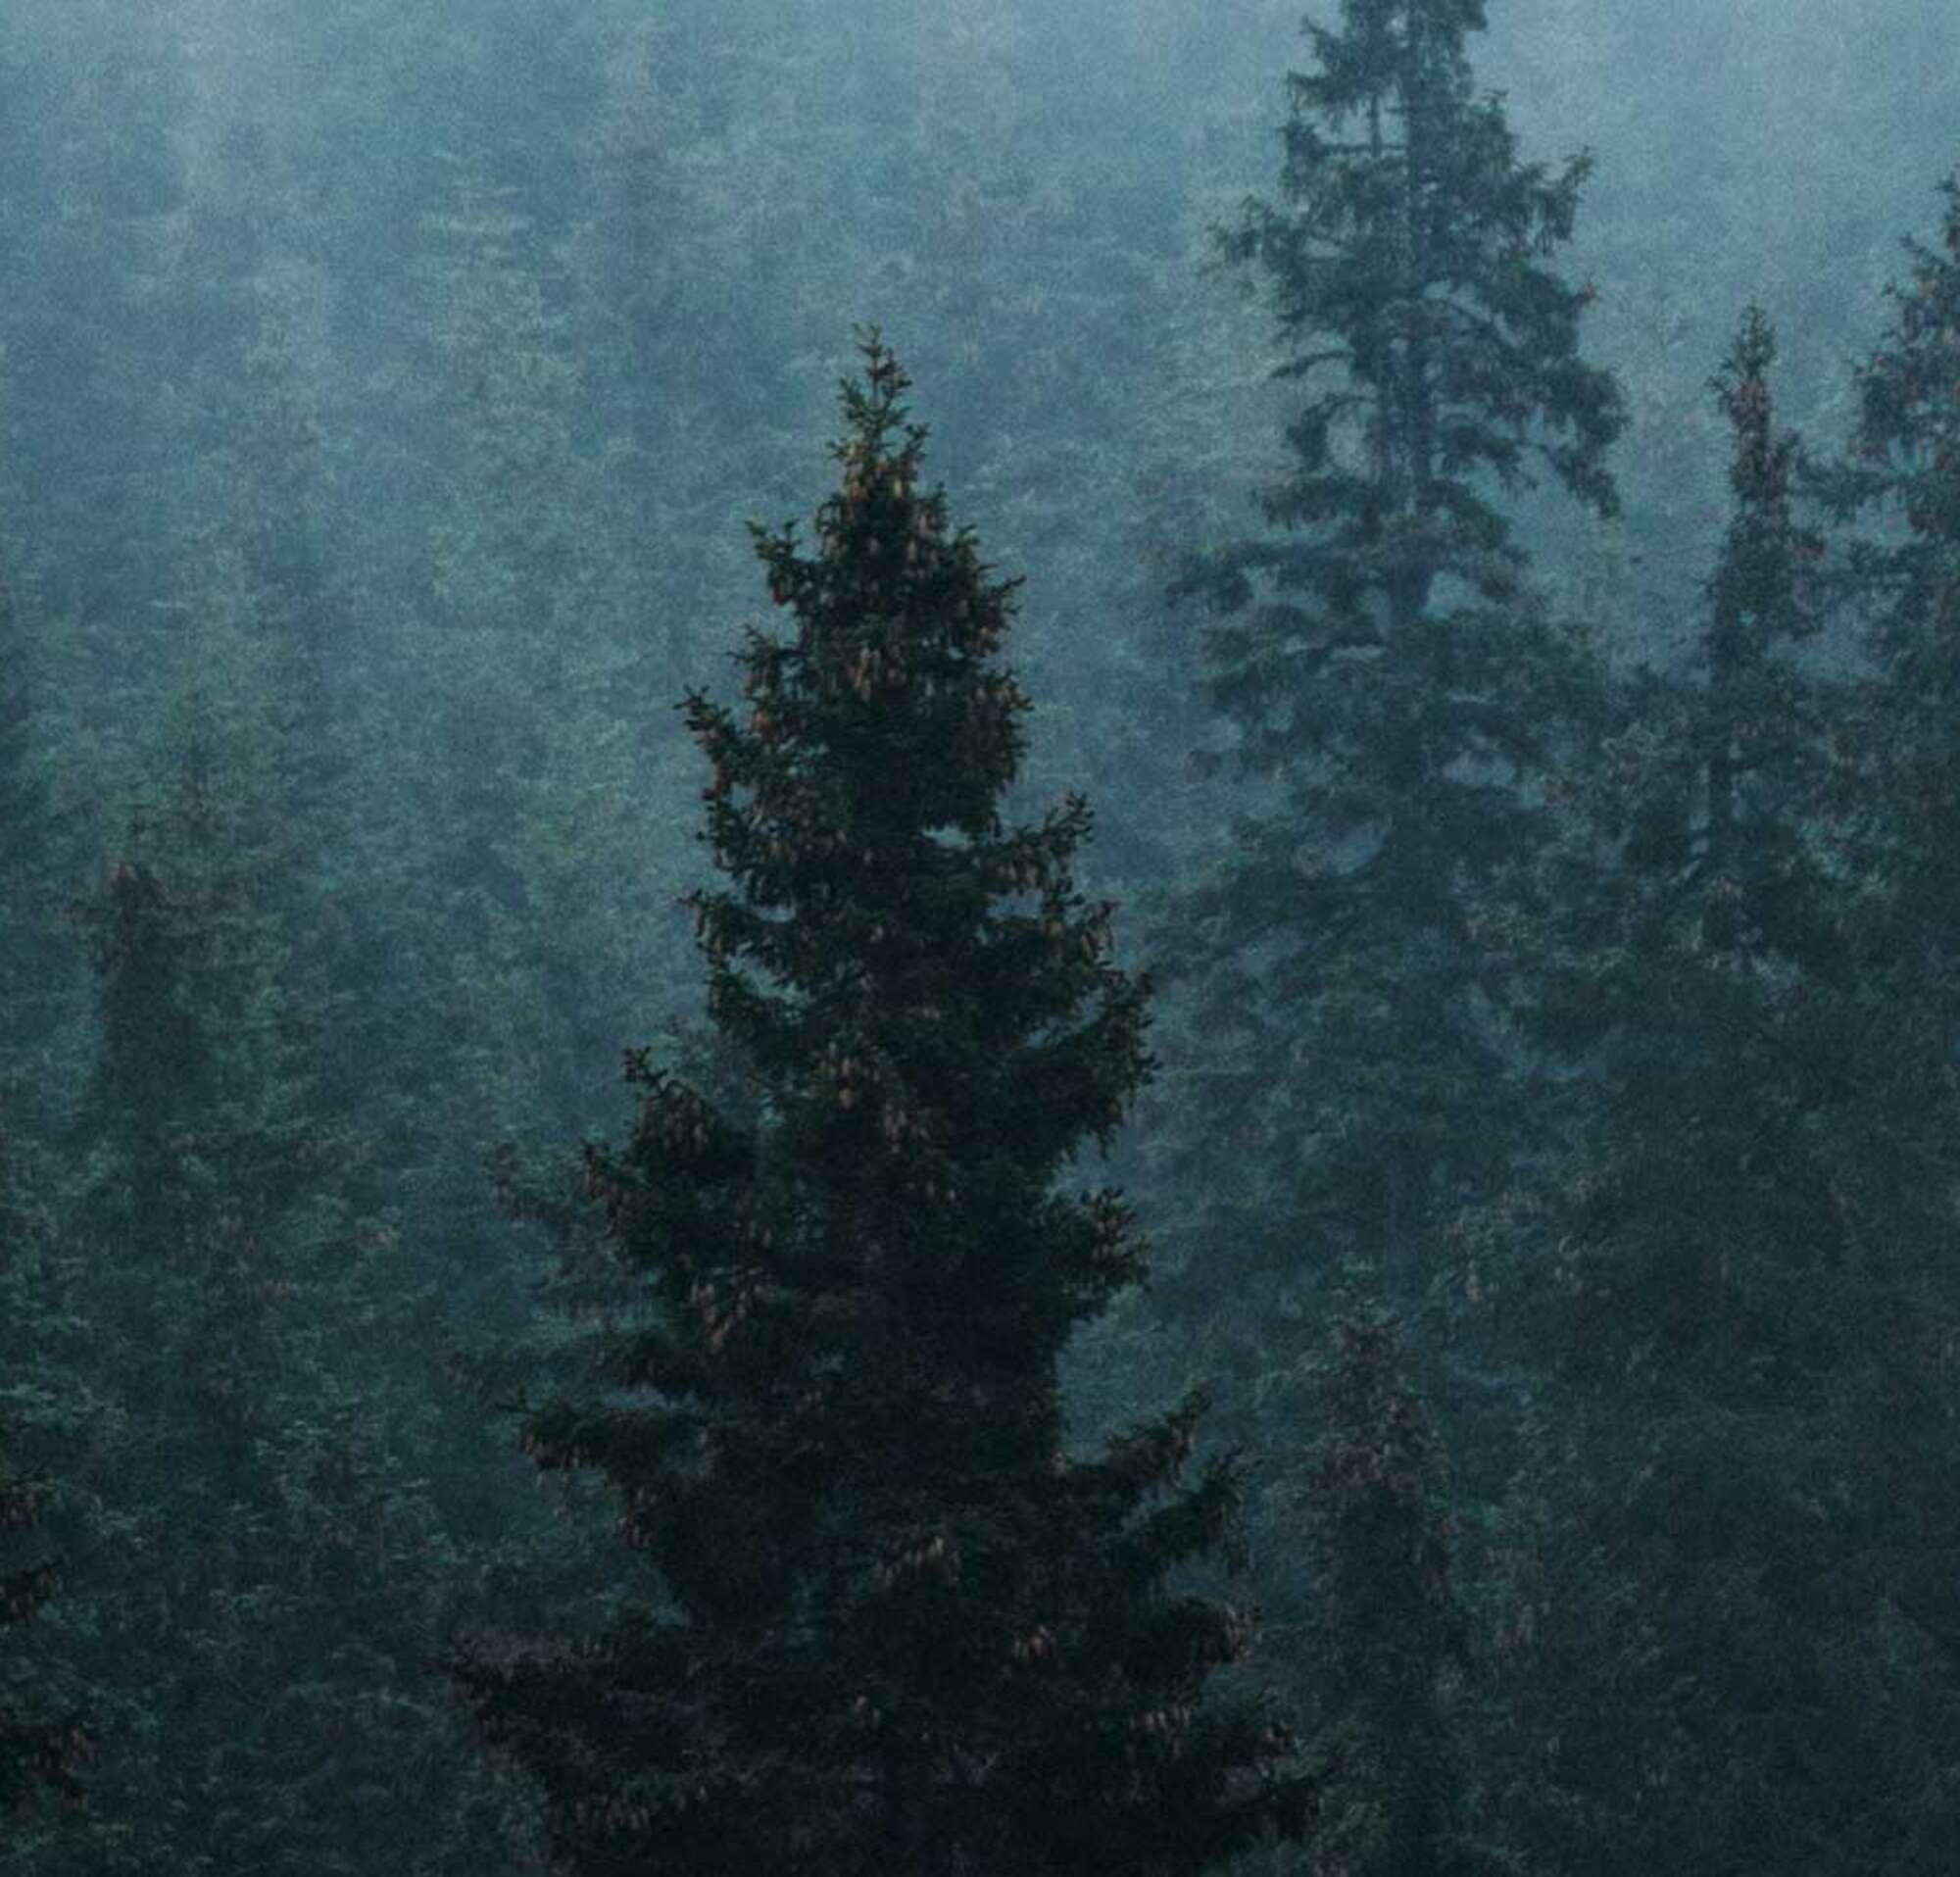 Des arbres dans la forêt